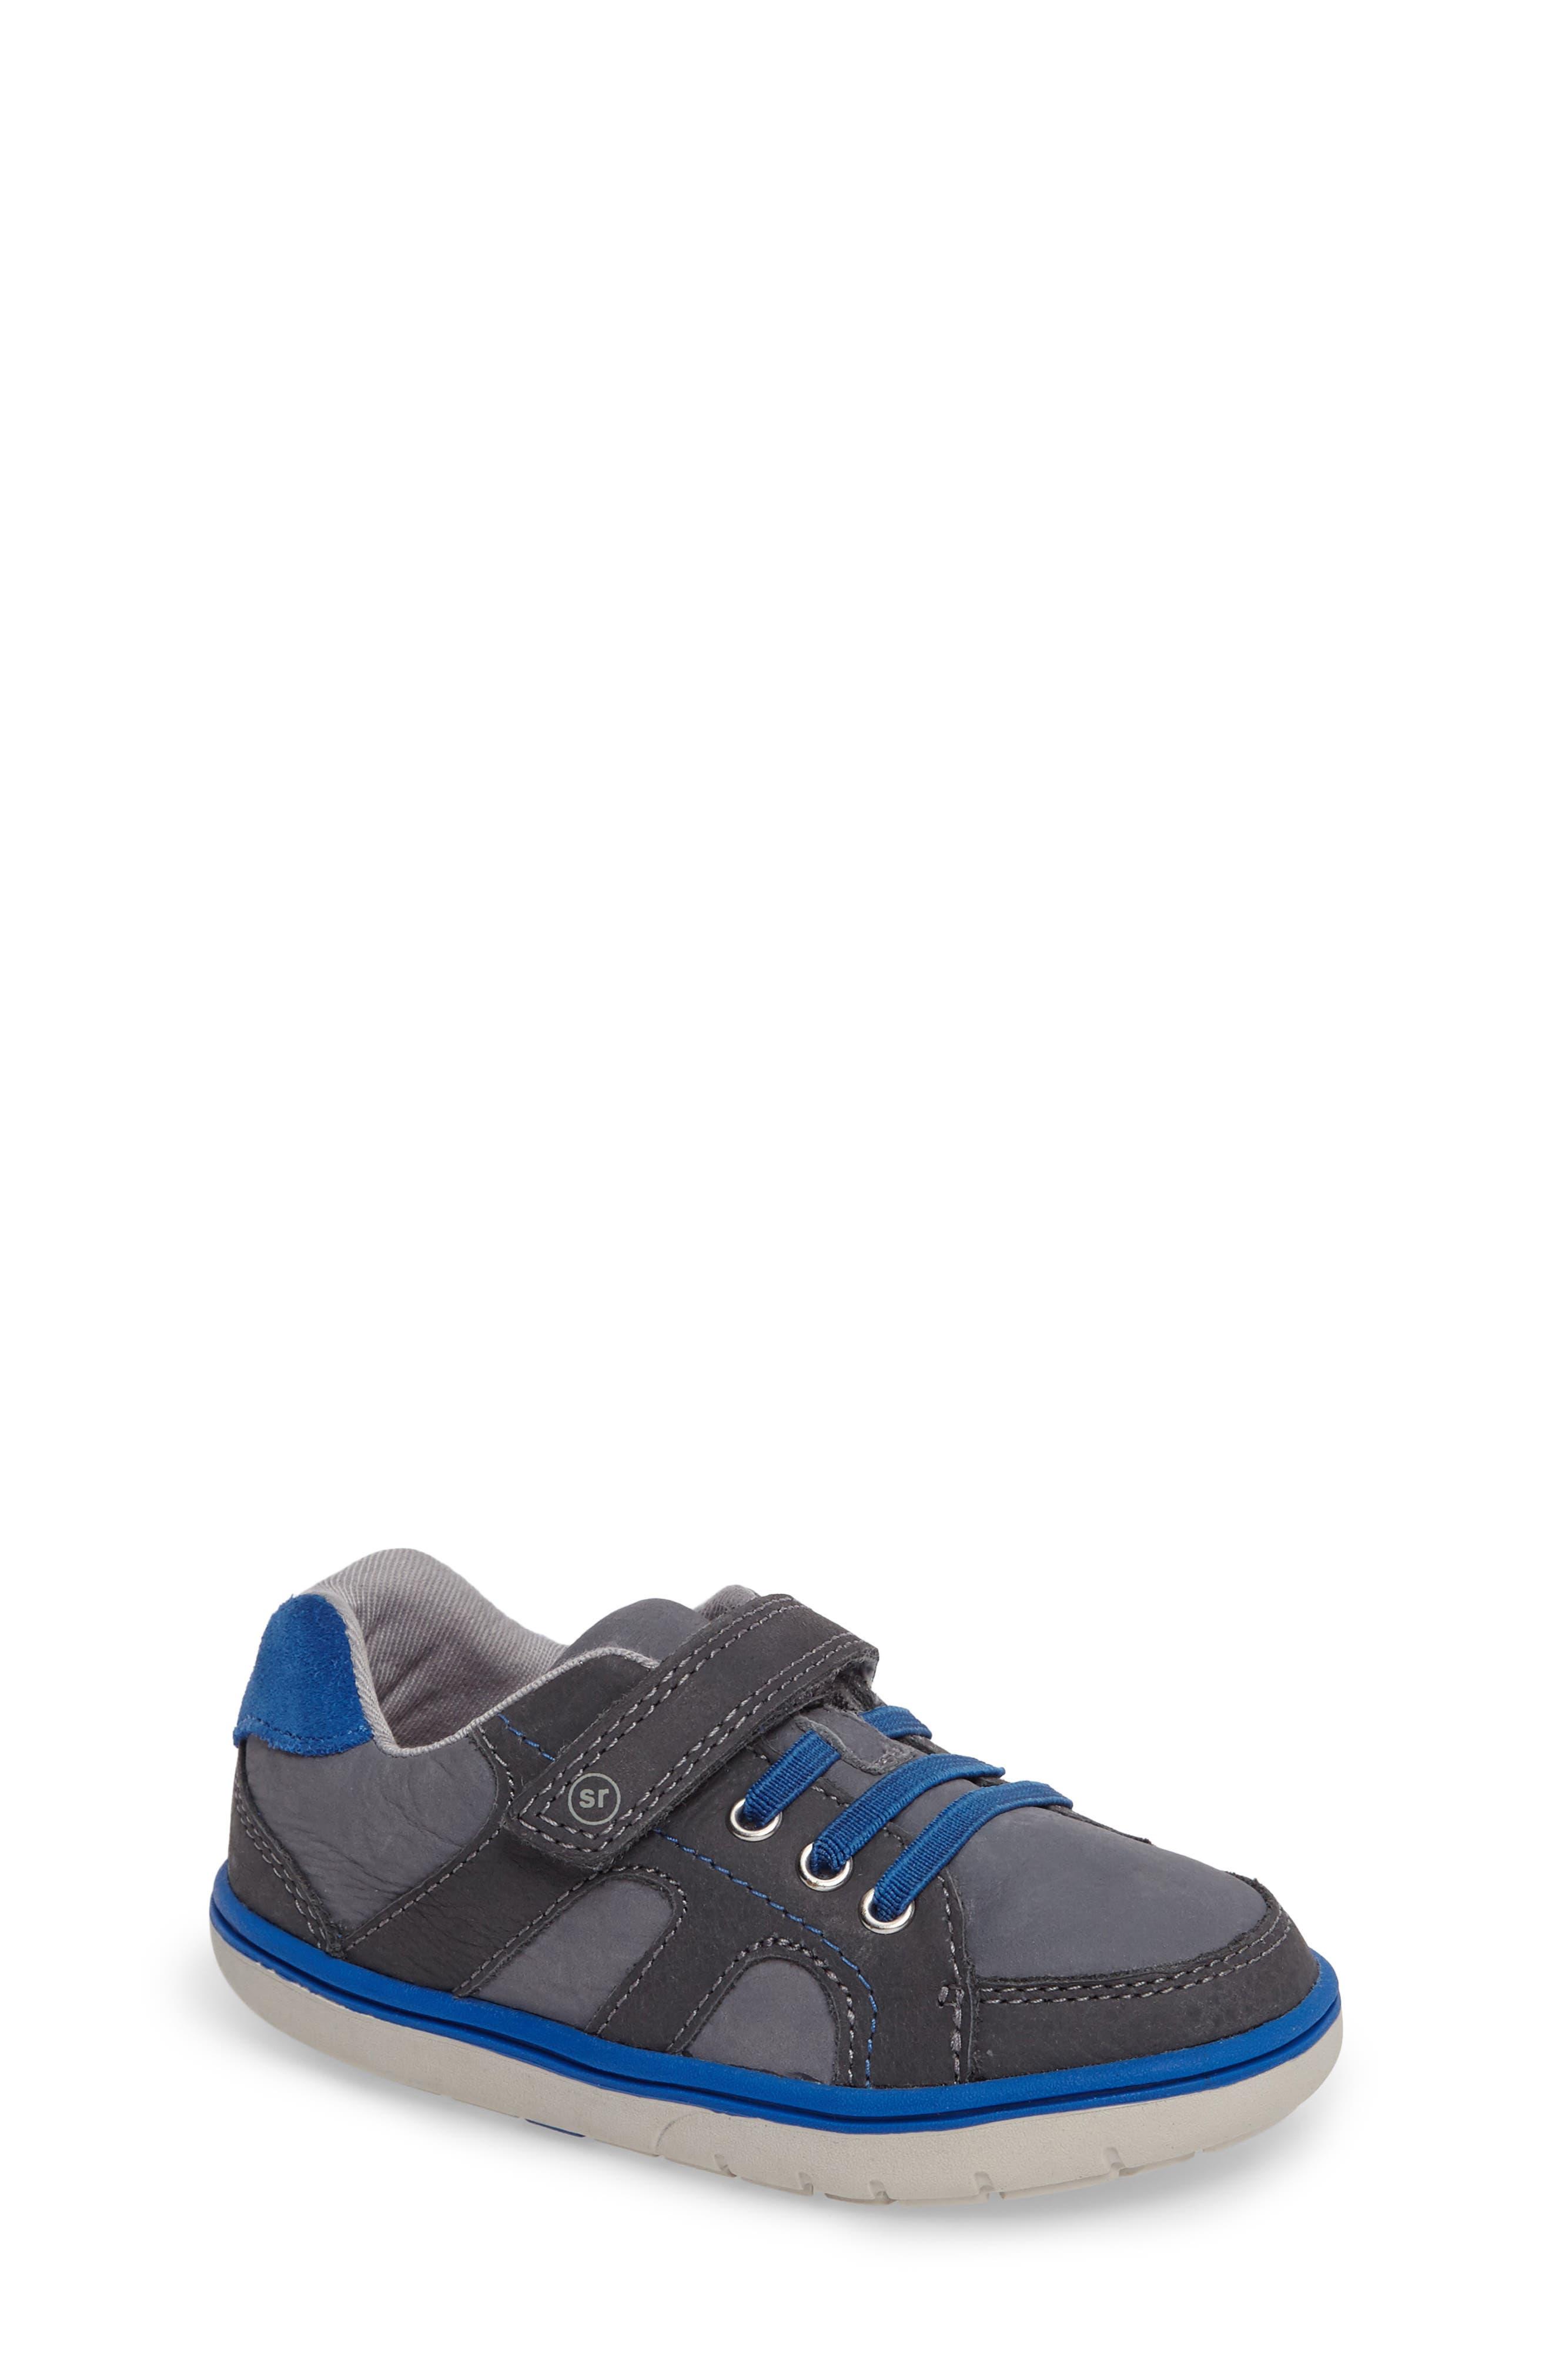 Alternate Image 1 Selected - Stride Rite SRT Noe Sneaker (Baby, Walker, Toddler & Little Kid)